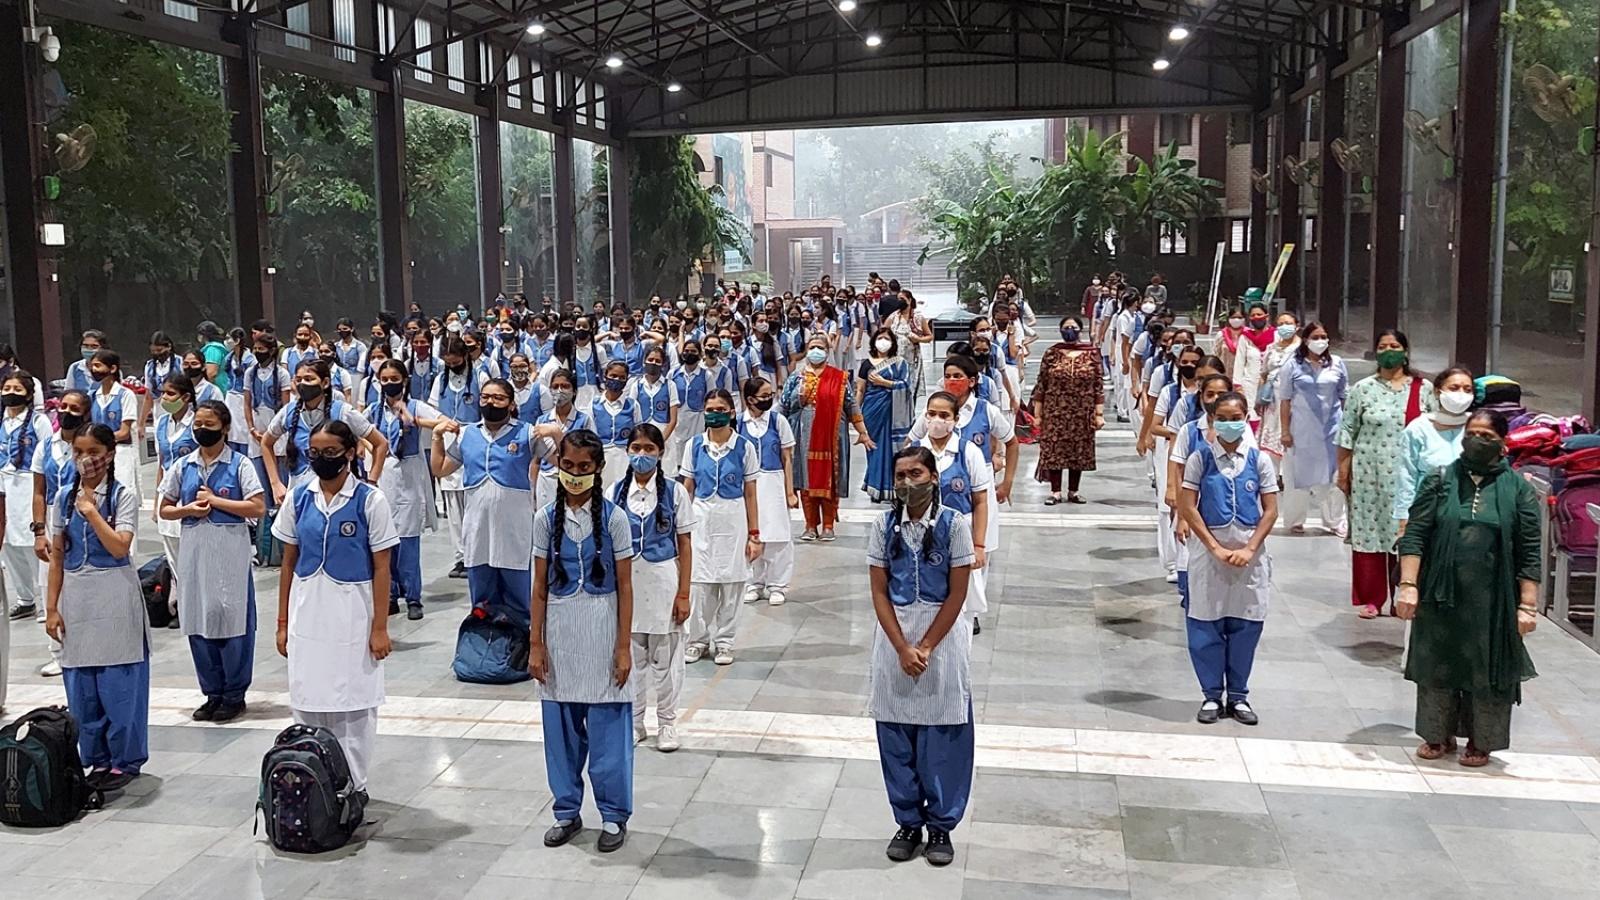 Mùa tựu trường muộn do Covid-19 của học sinh Ấn Độ và câu chuyện bất bình đẳng